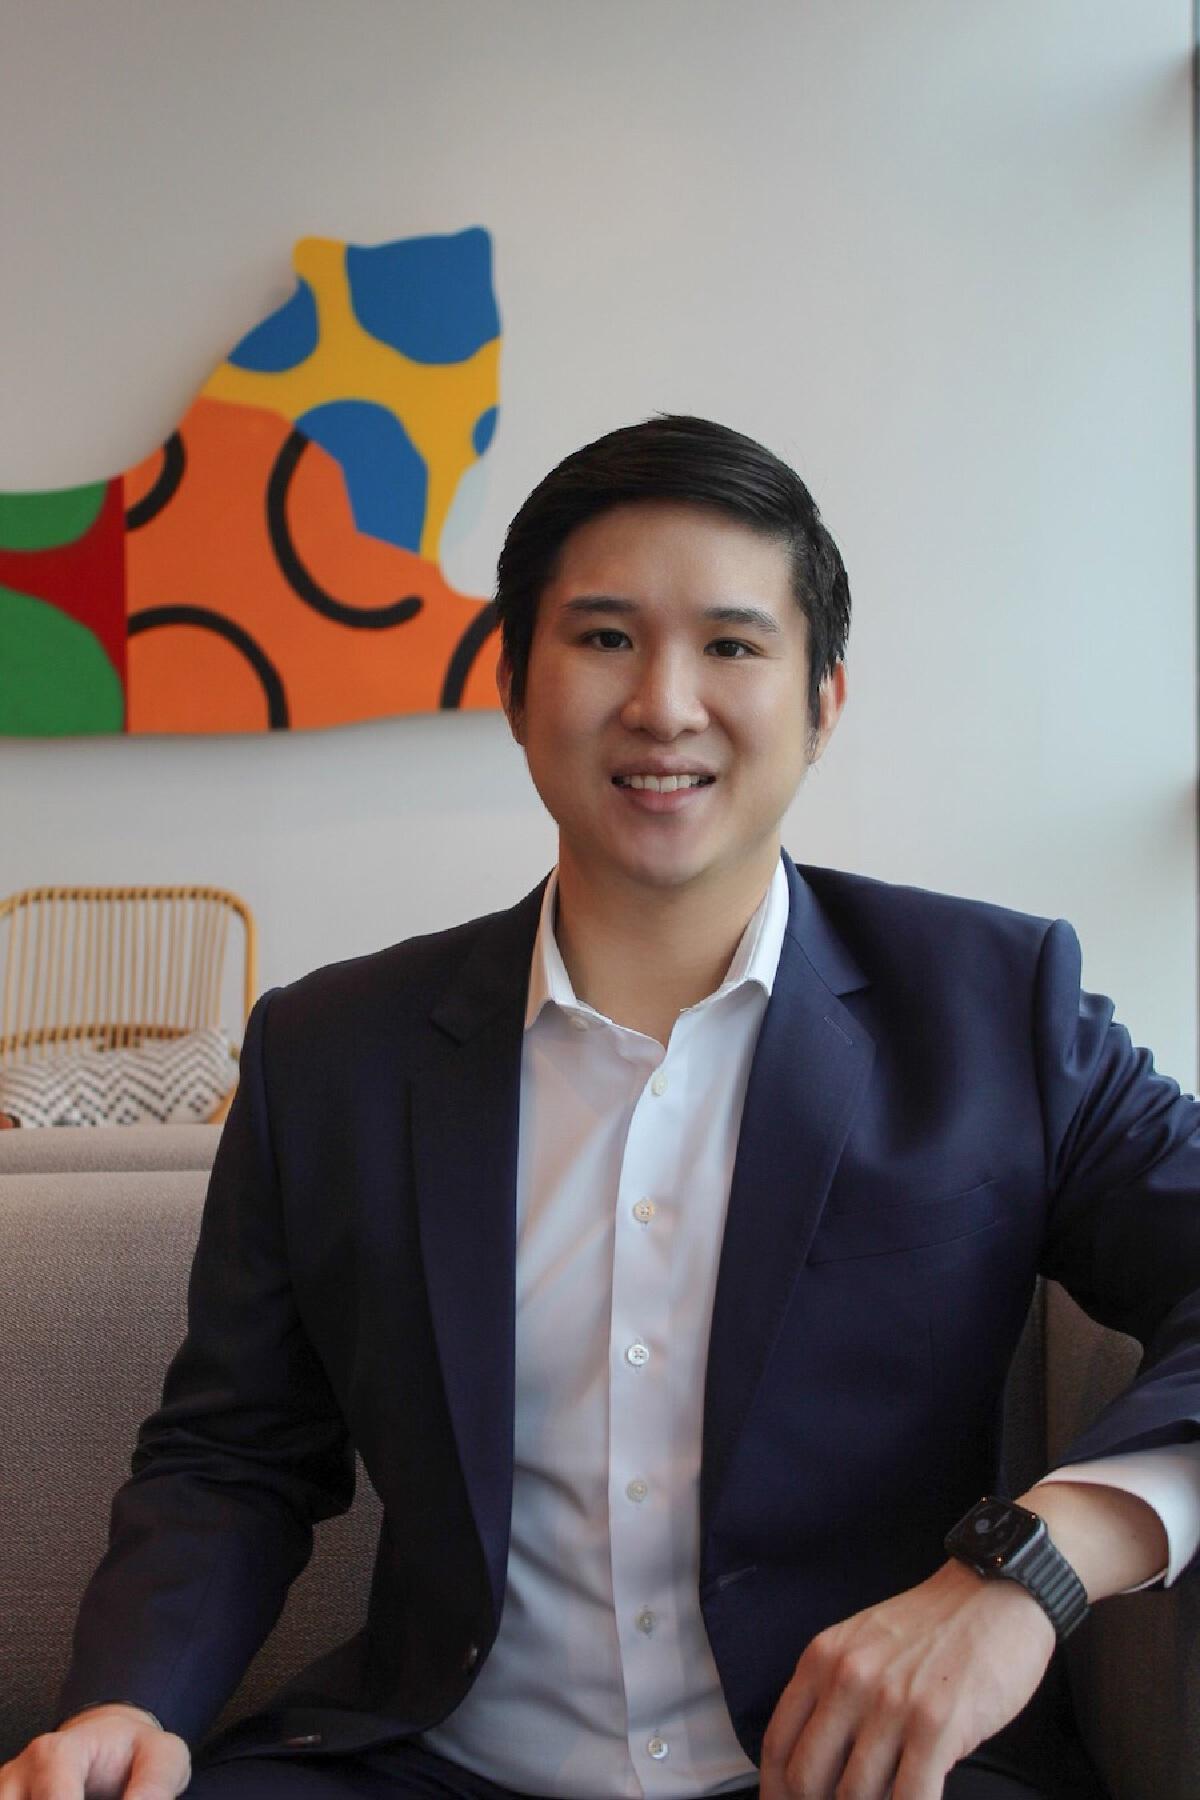 'สแทช-อเวย์'คว้าเงินระดมทุน780 ล้านบาทรุกตลาดเปิดตัวแอปพลิเคชันในไทย